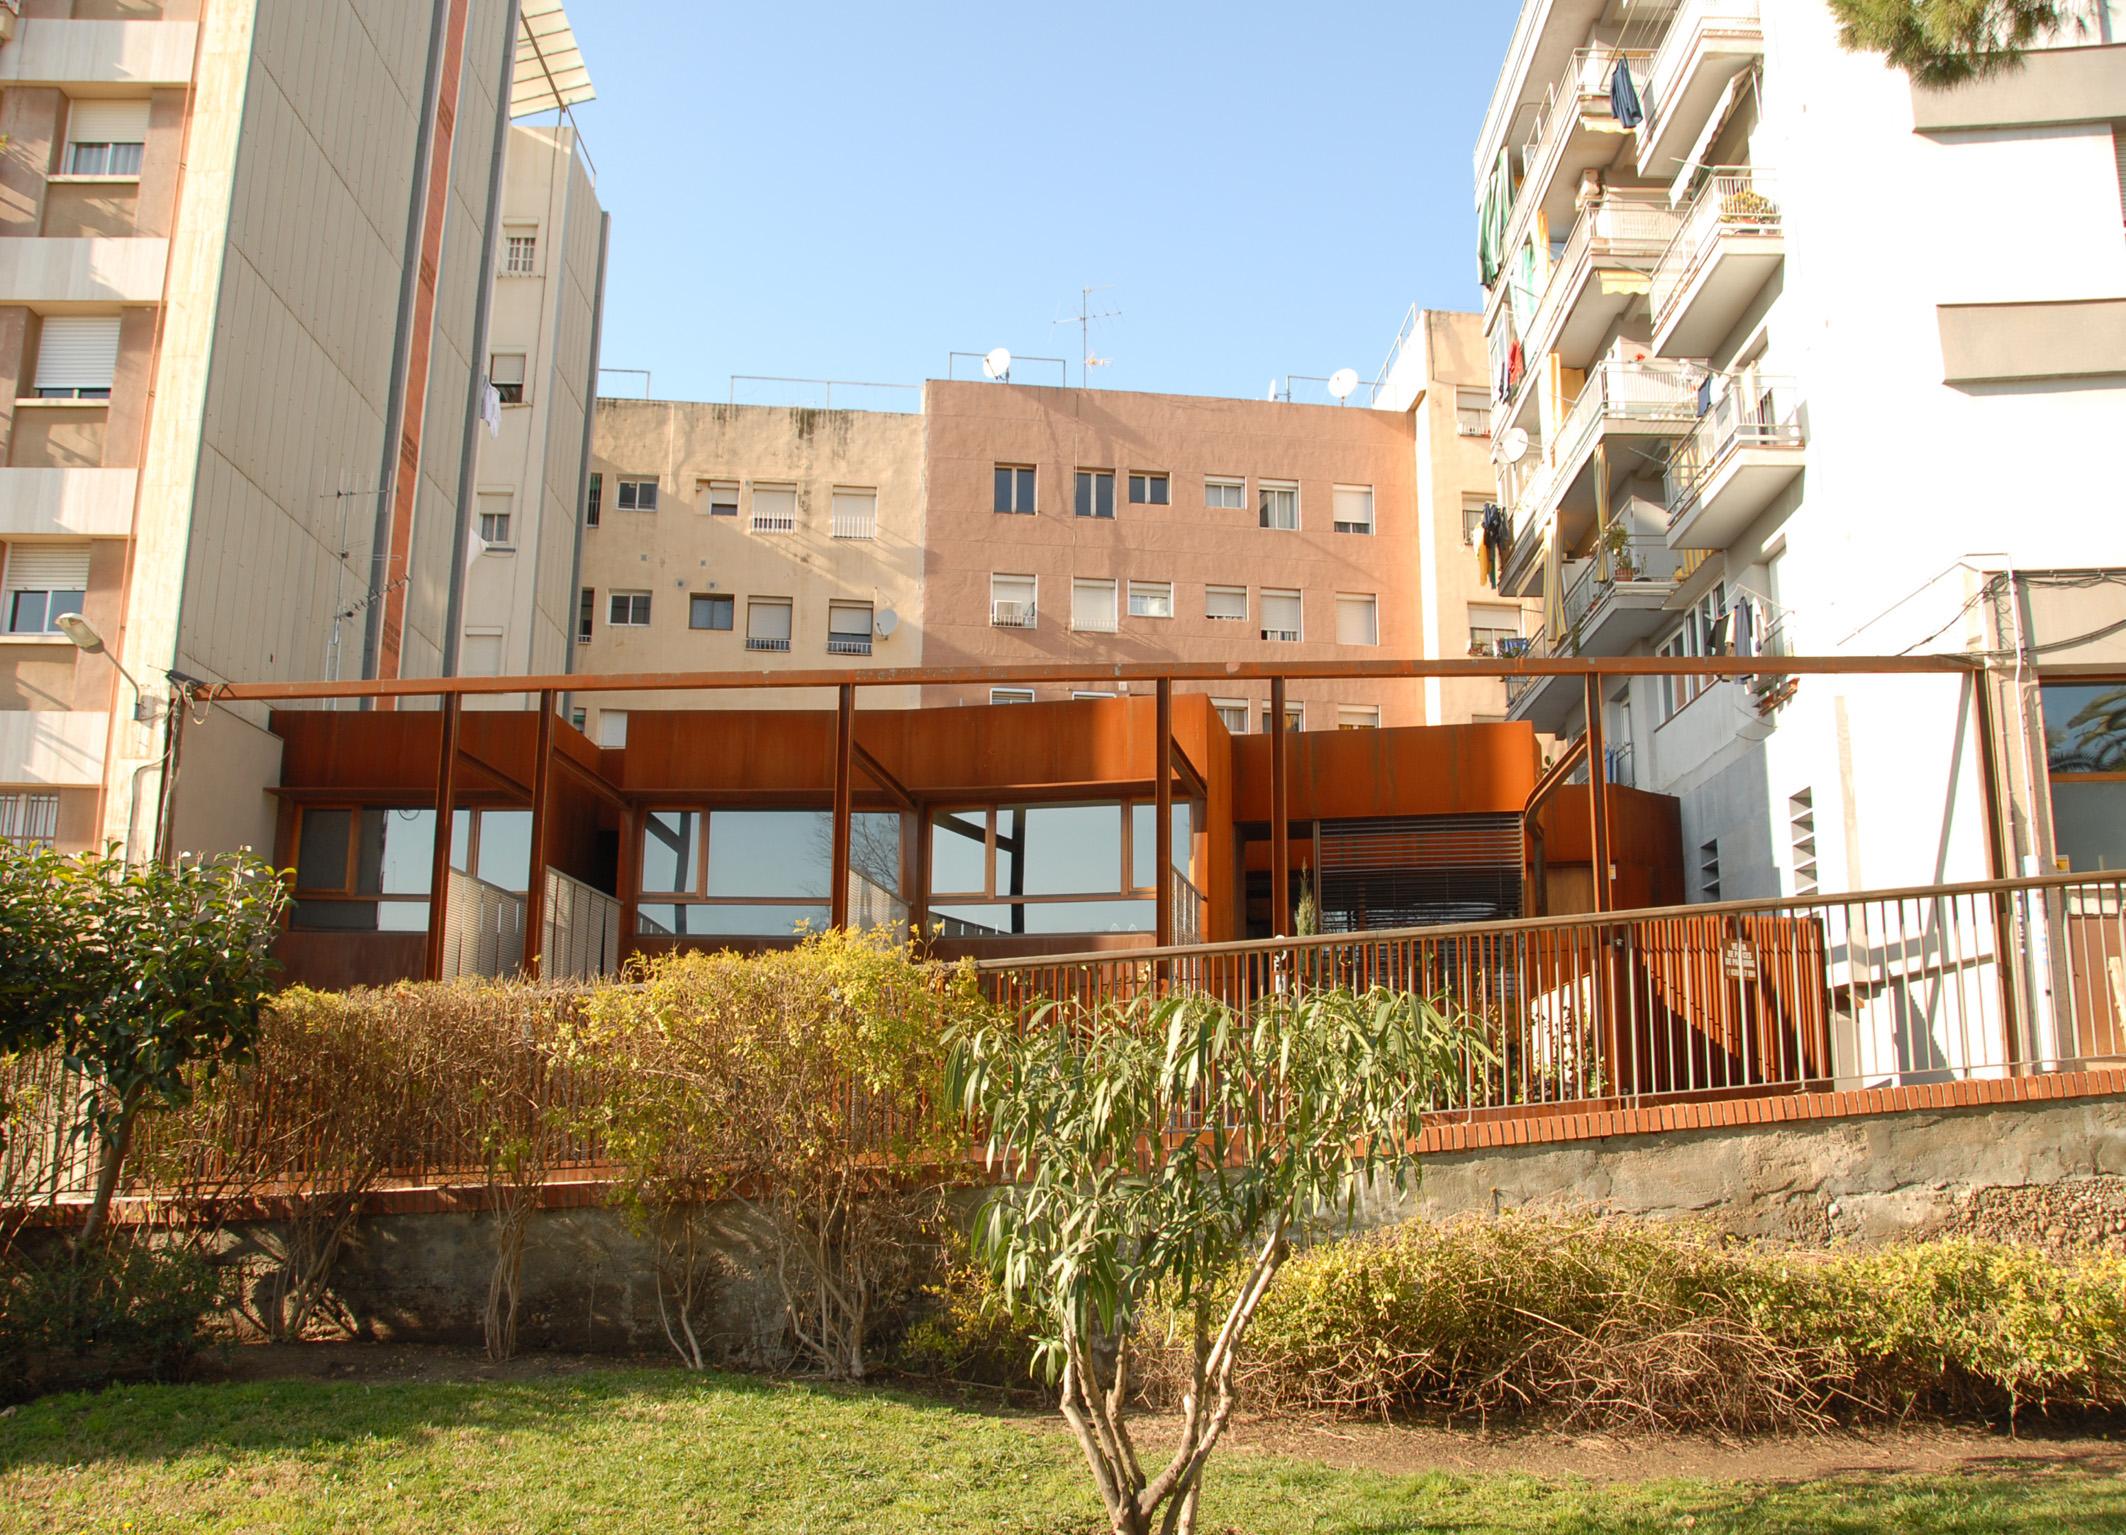 Mostres arquitectura for Gimnasio sant feliu de llobregat